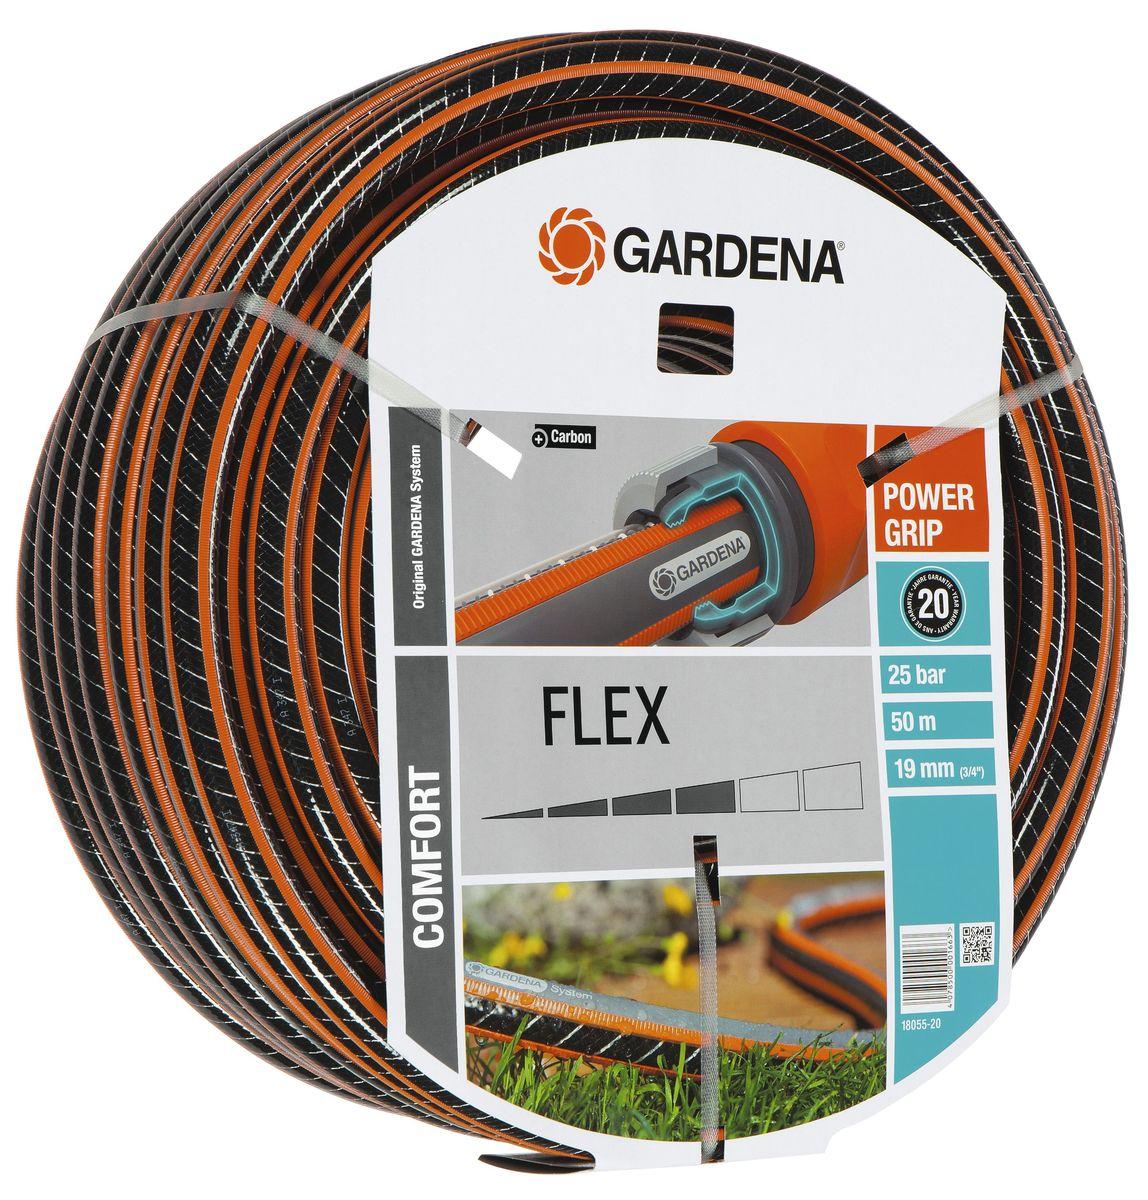 Шланг Gardena Flex, диаметр 3/4, длина 50 м96515412Шланг Gardena Flex с ребристым профилем Power Grip предназначен для идеального соединения с коннекторами базовой системы полива. Устойчив к высокому давлению и сохраняет формы благодаря спиралевидному текстильному армированию, усиленному углеродом.Не перегибается, не спутывается.